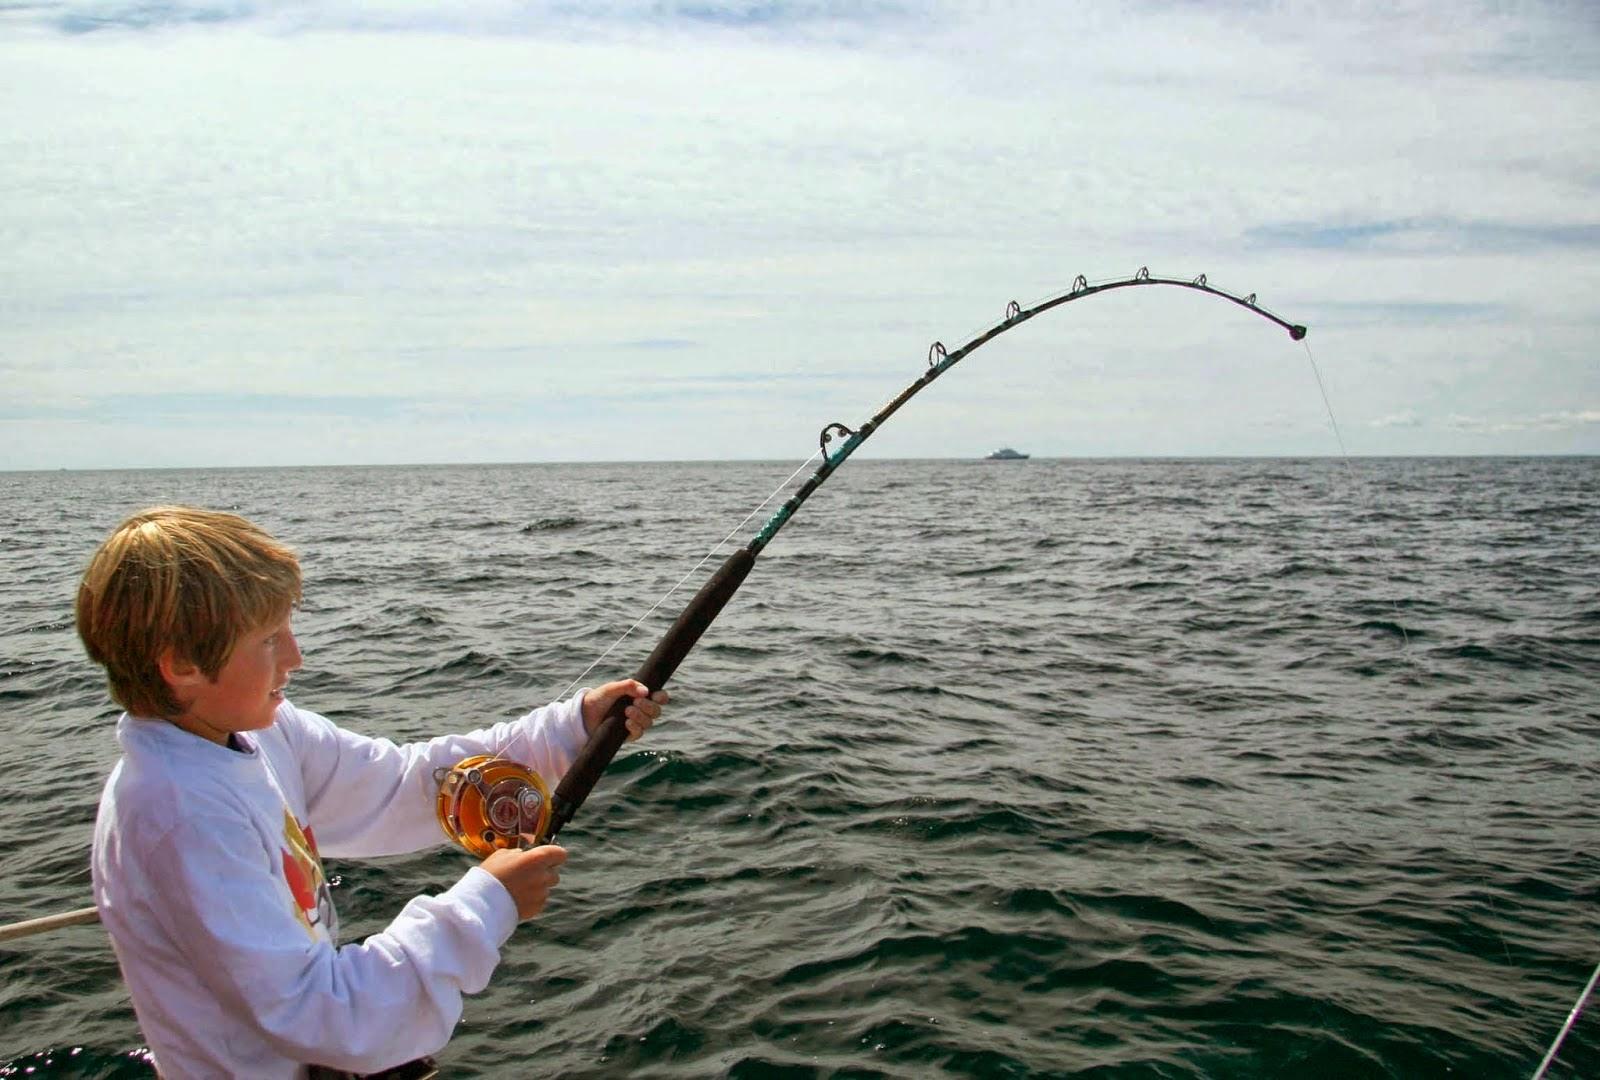 Hướng dẫn làm mồi câu cá dìa